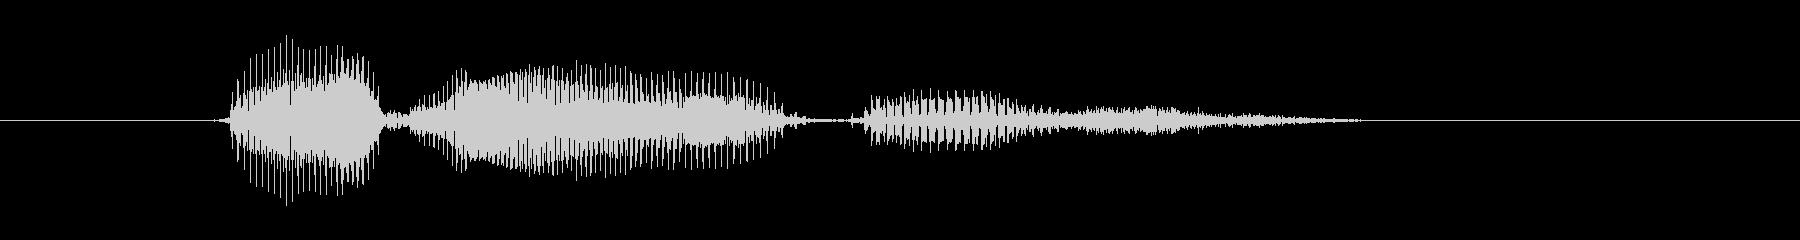 エラーですの未再生の波形